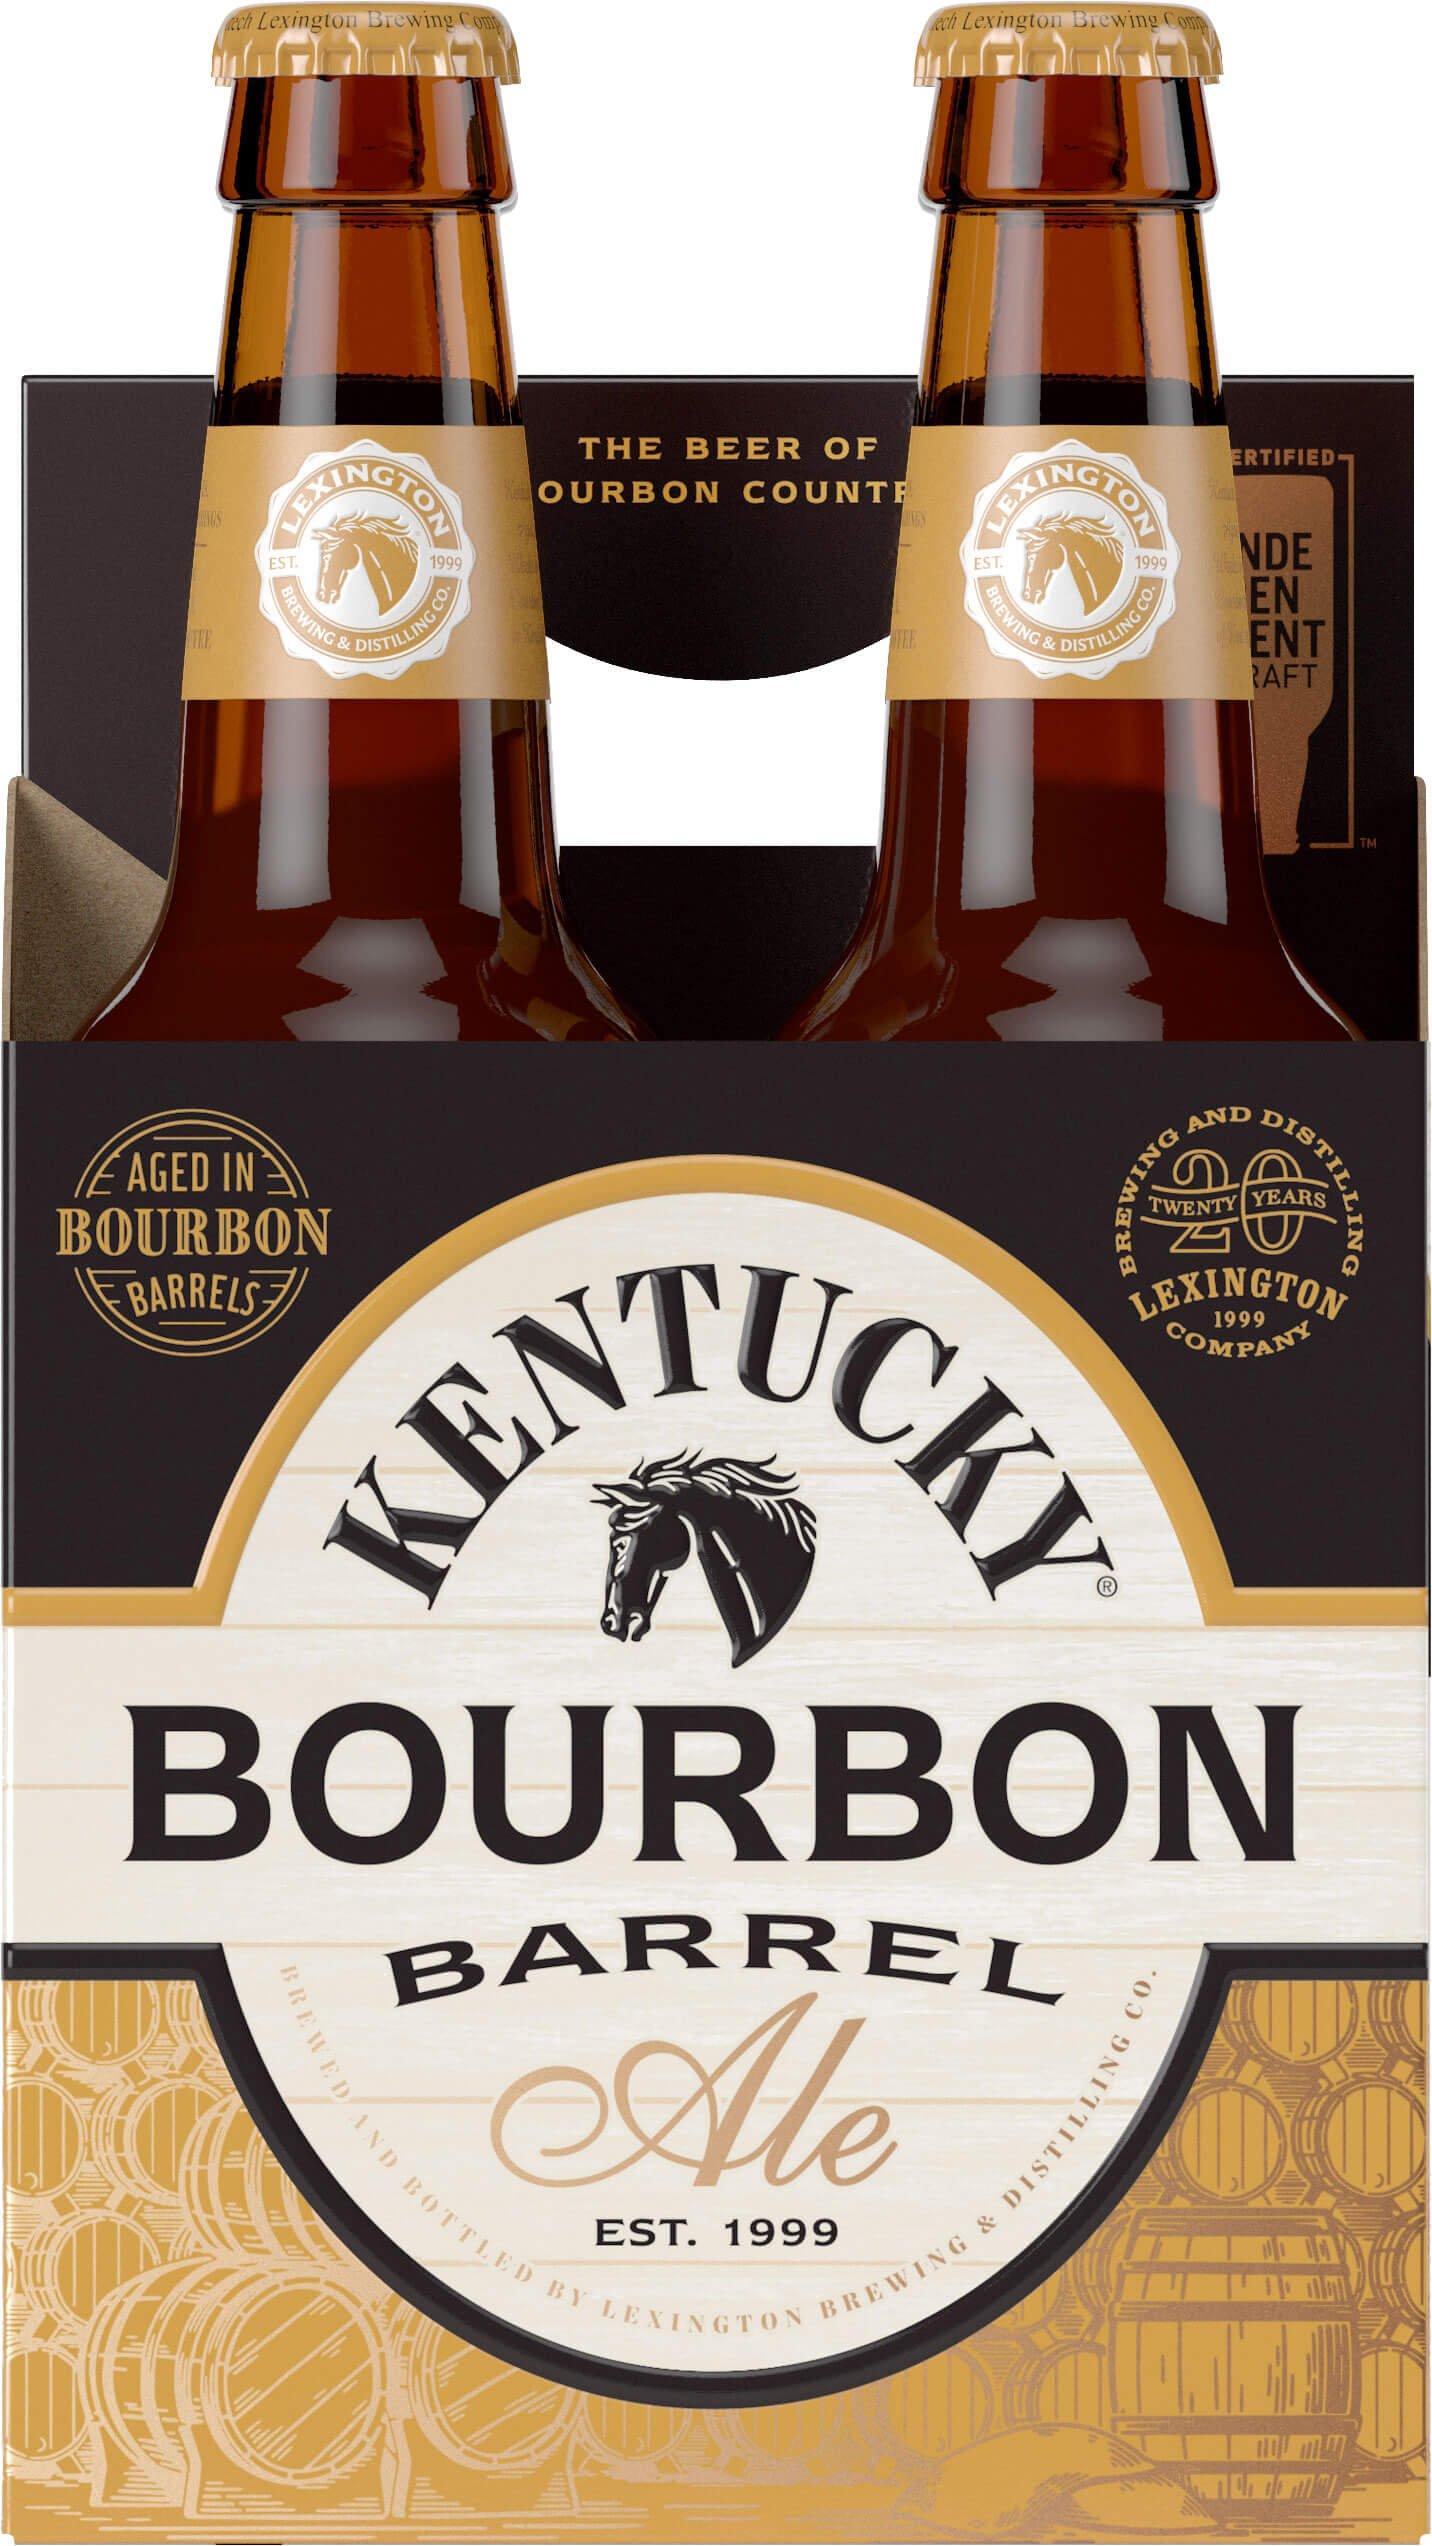 Packaging art for the Kentucky Bourbon Barrel Ale by Alltech Lexington Brewing & Distilling Co.